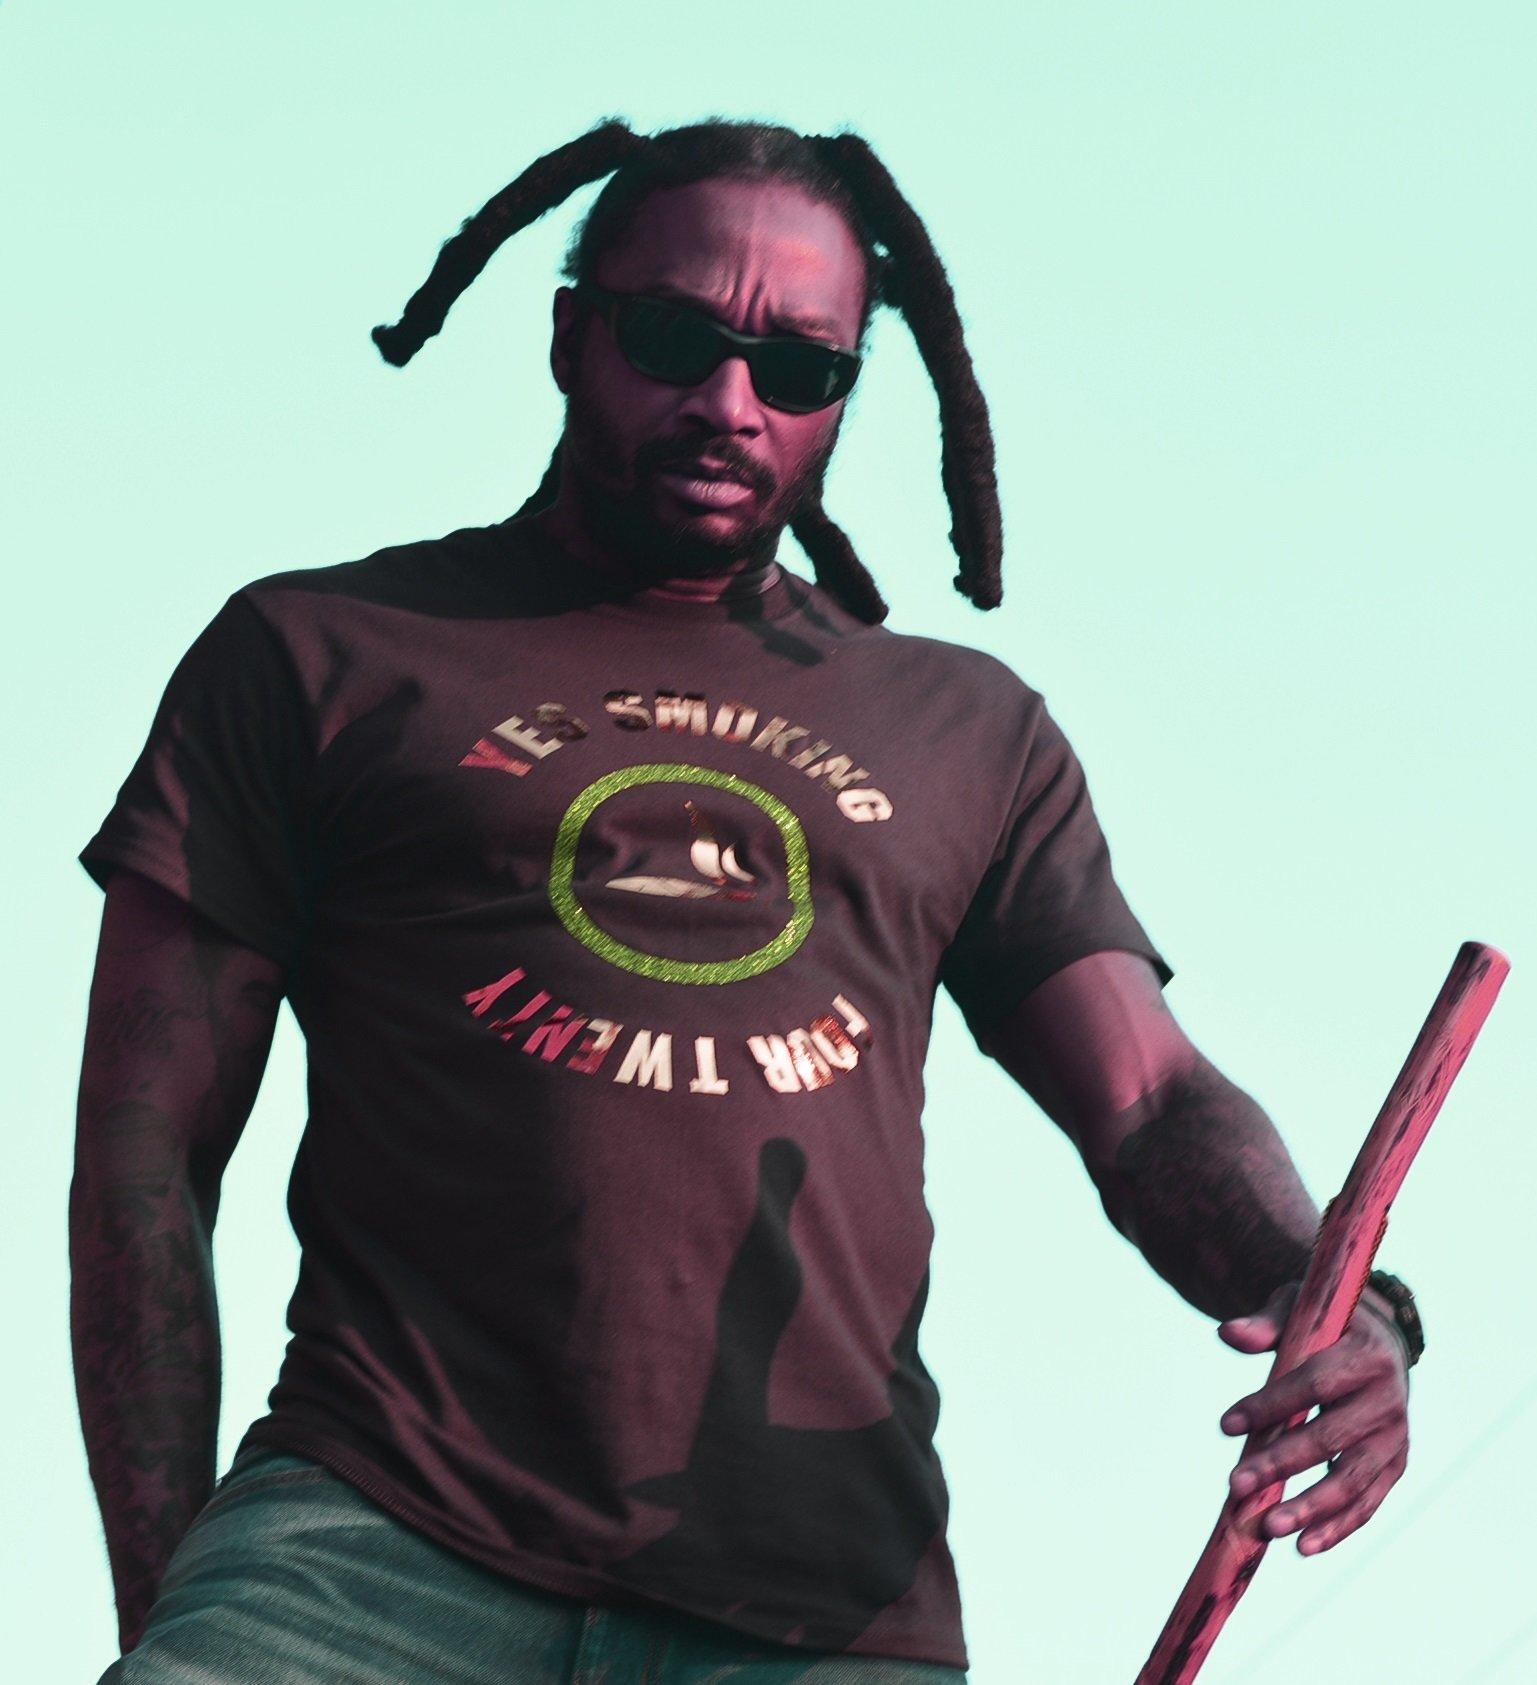 Brown Sports Yes Smoking 420 T-Shirt 00010